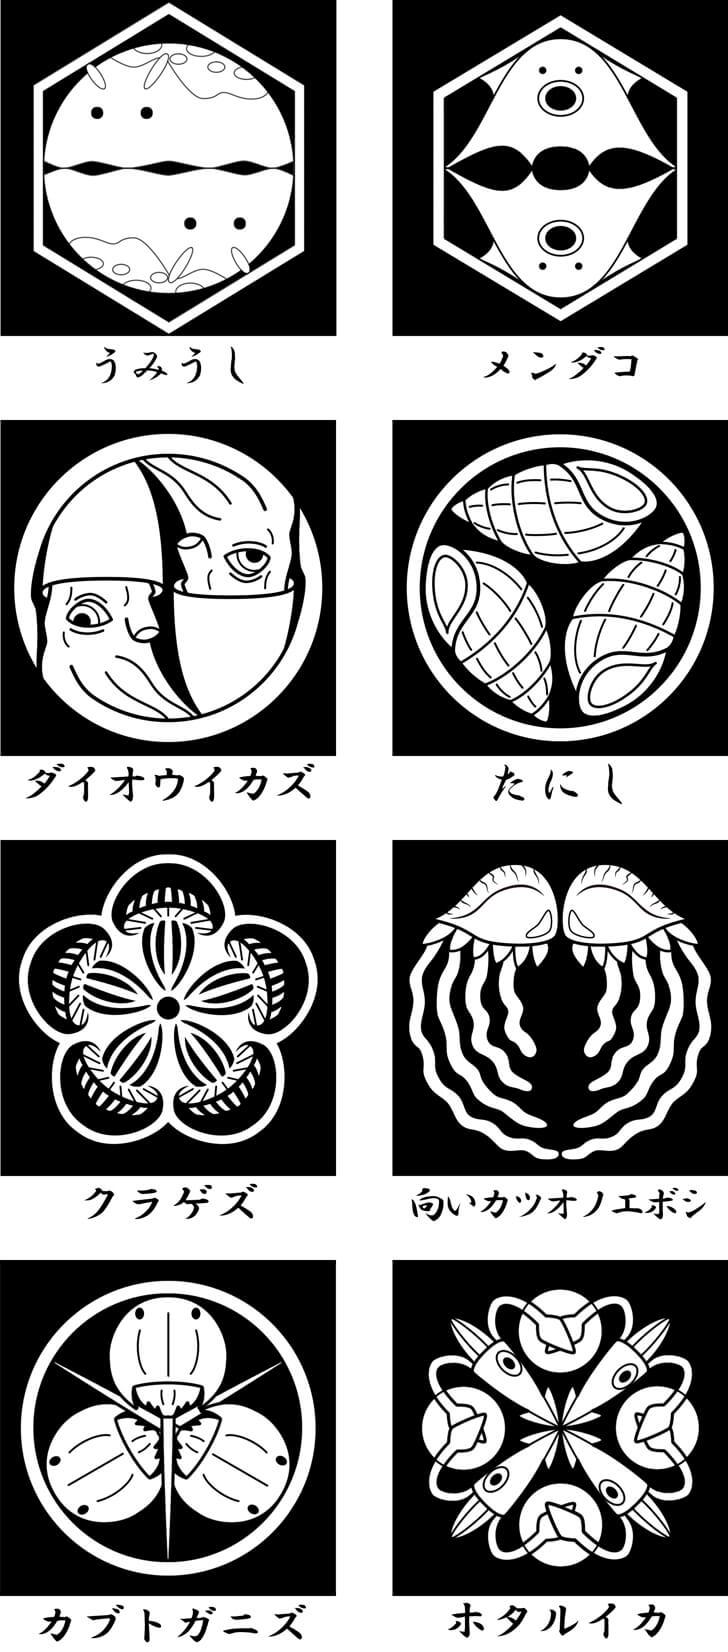 水生生物の家紋